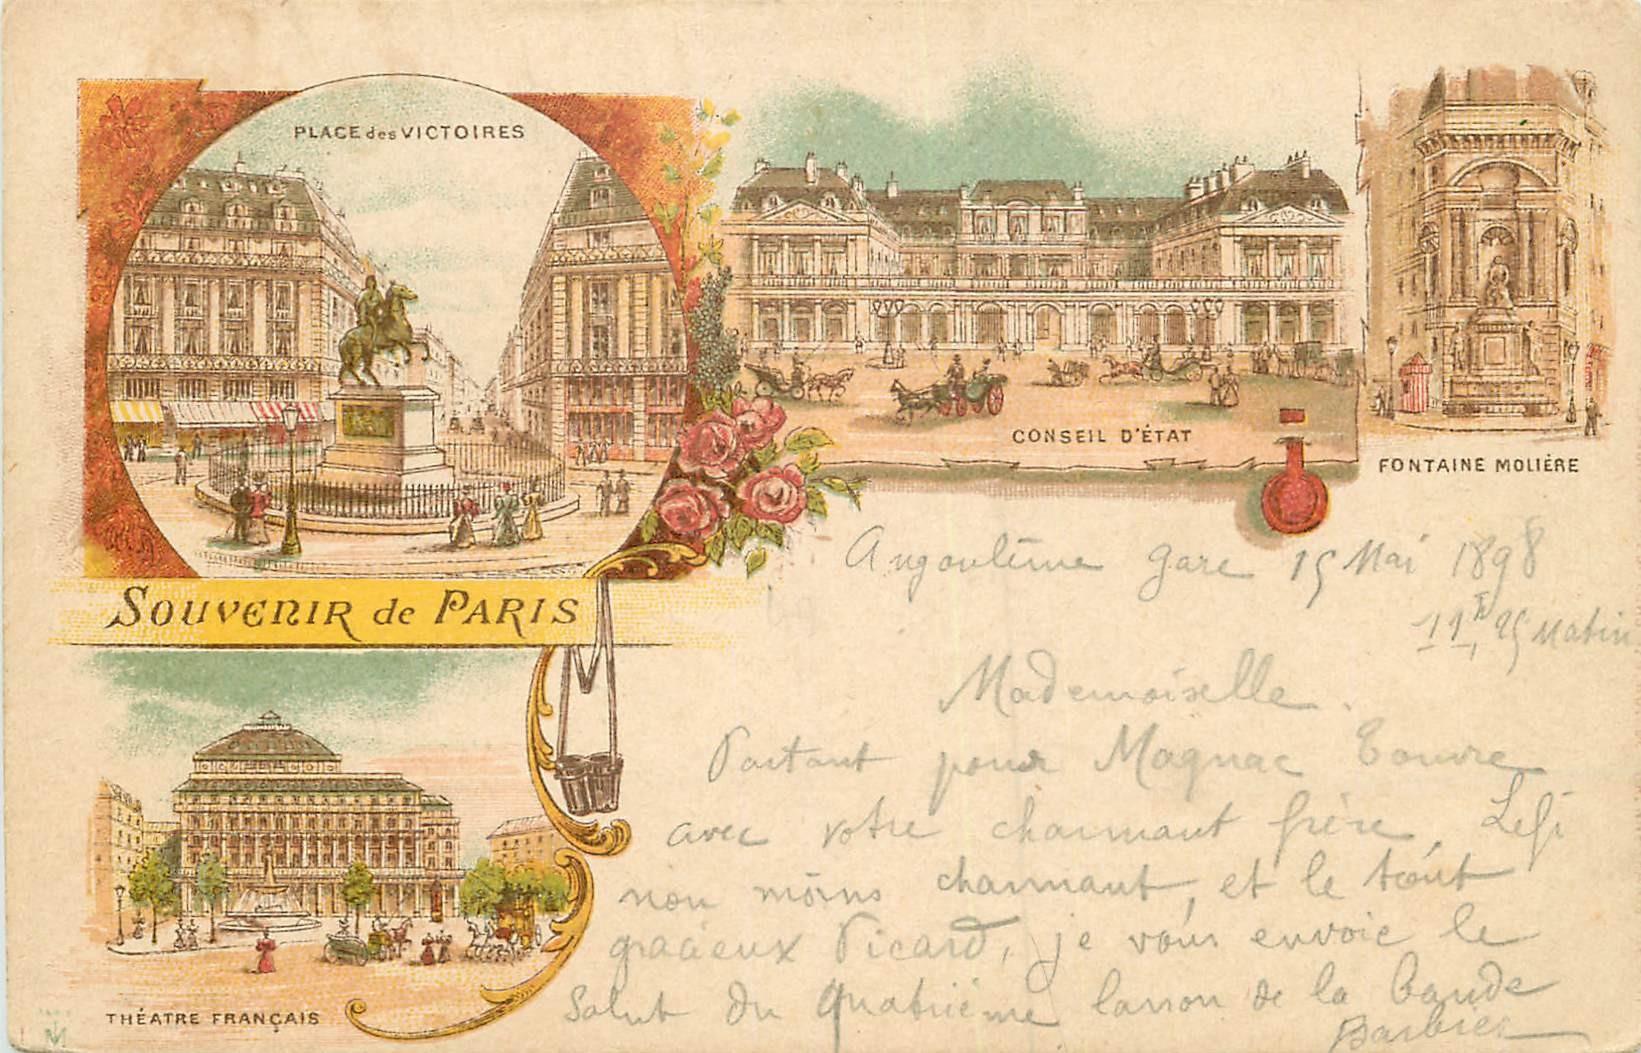 WW PARIS en 1898. Place des Victoires, Conseil d'Etat, Fontaine Molière et Théâtre Français